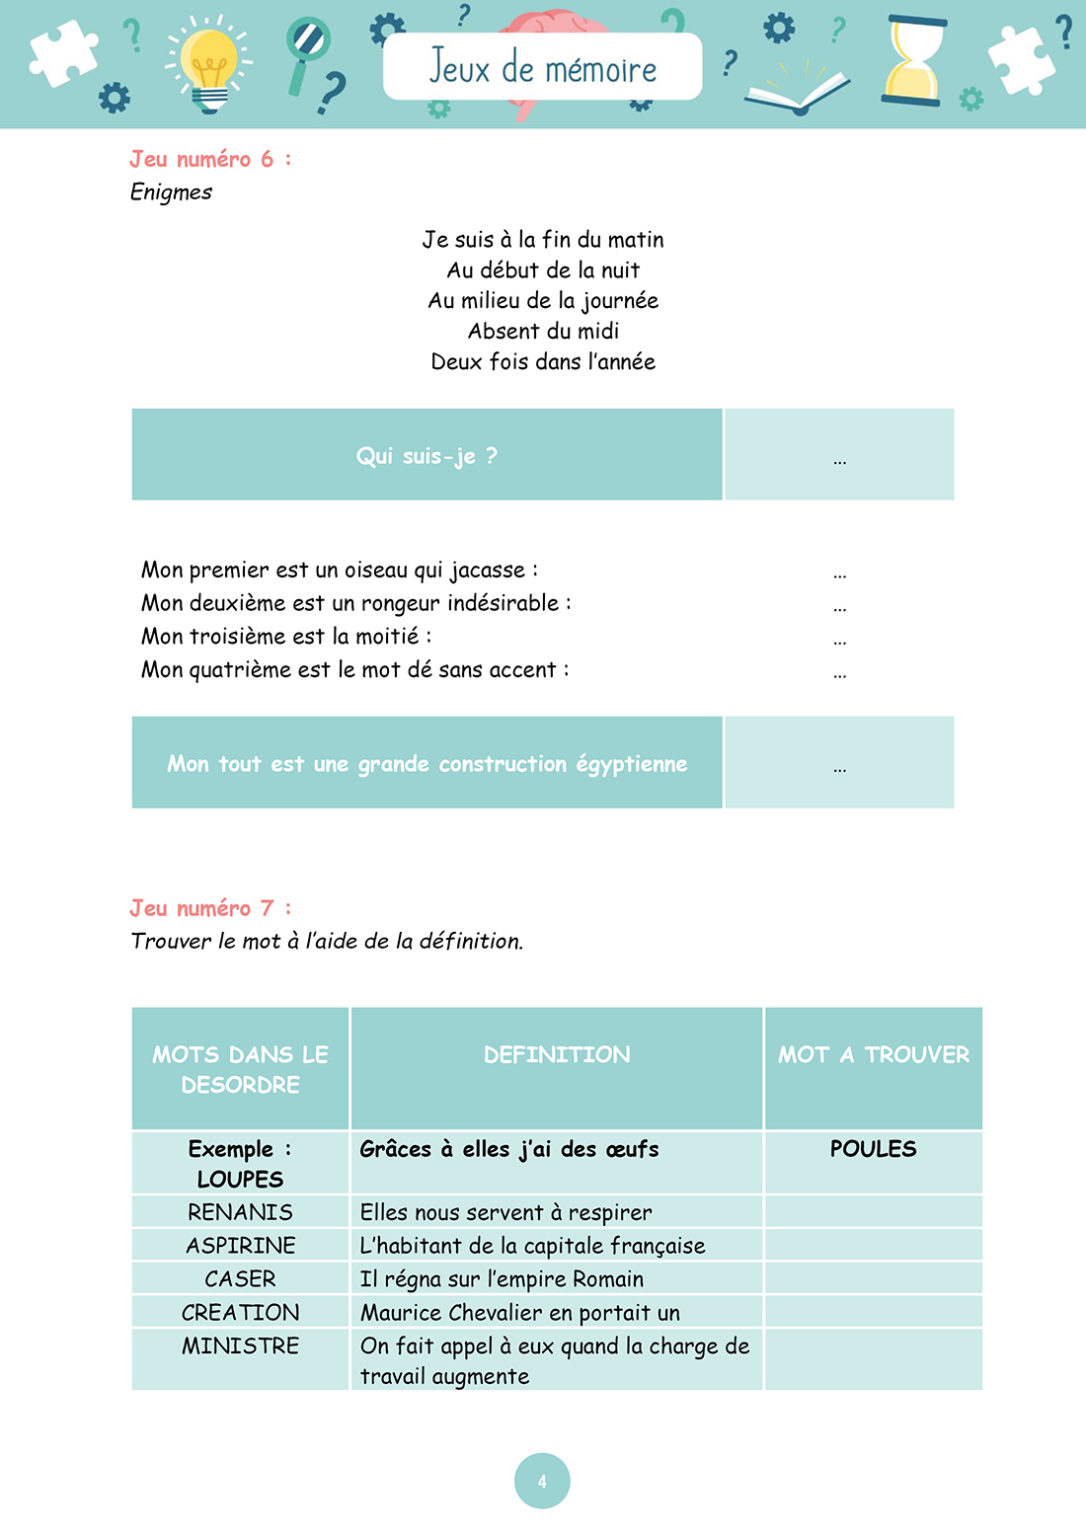 Jeux de mémoire - Mardi 12 janvier 2021 - Page 4